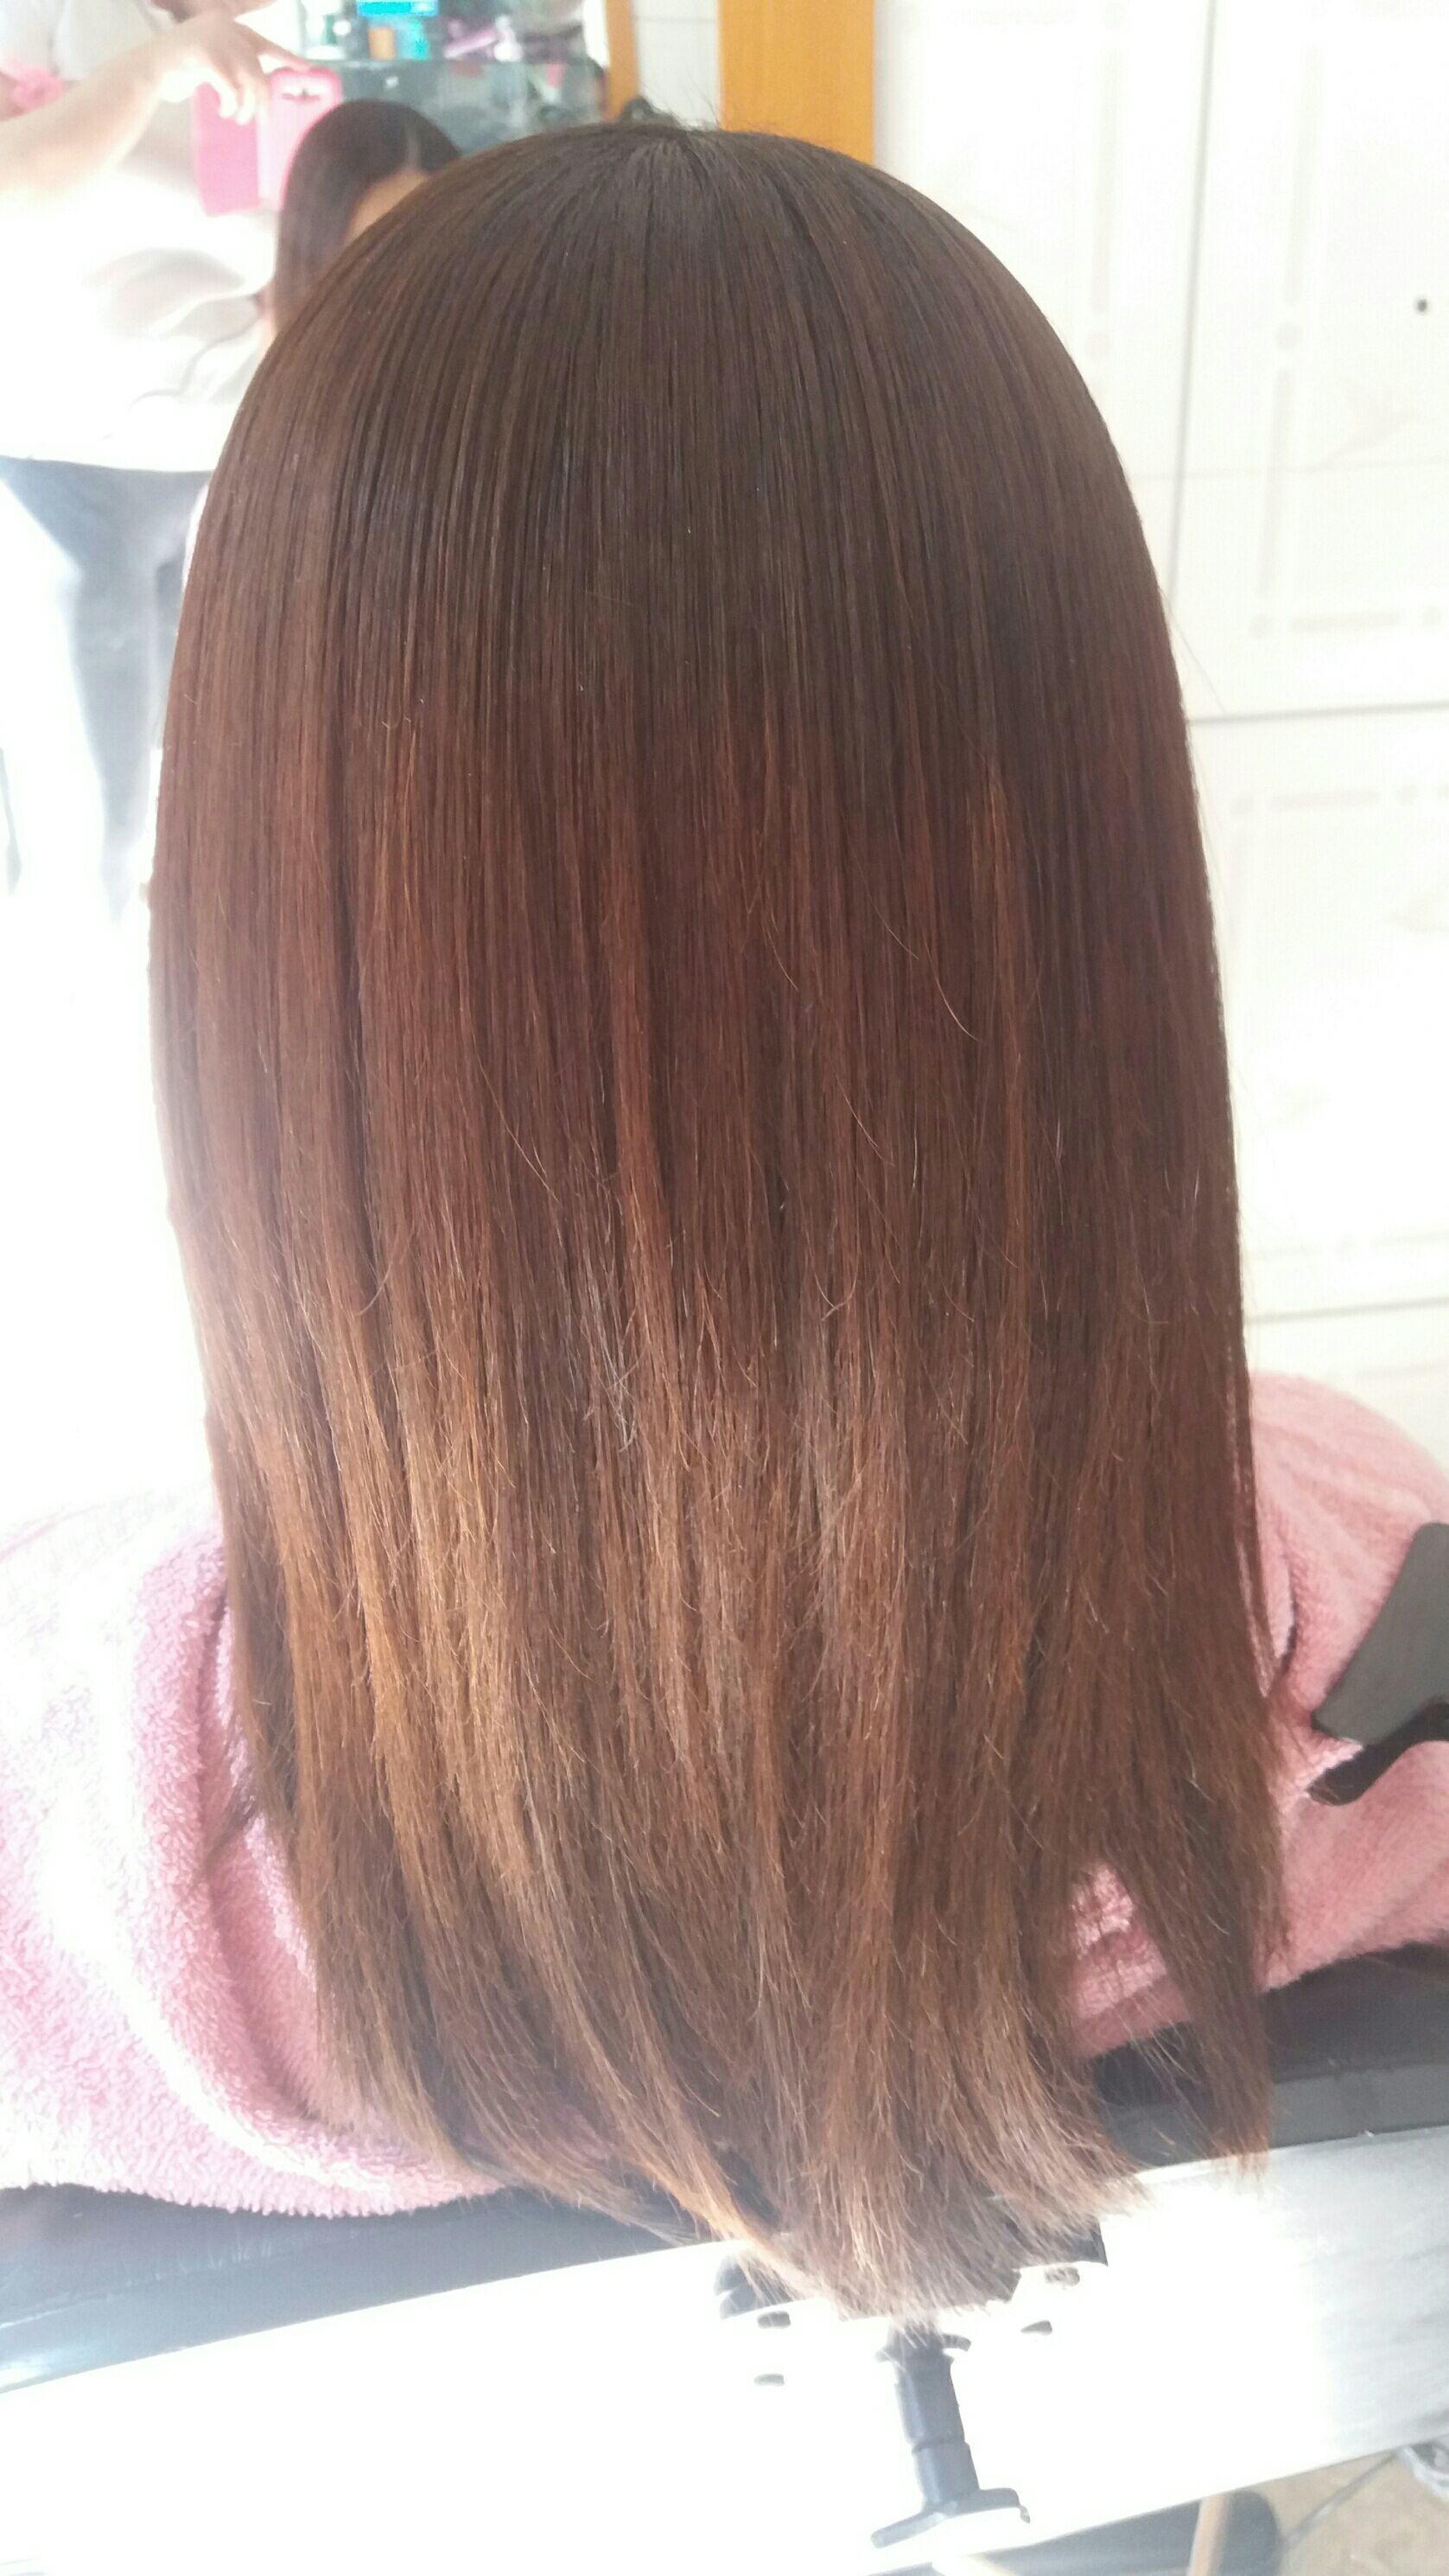 cabeleireiro(a) cabeleireiro(a) cabeleireiro(a) cabeleireiro(a) cabeleireiro(a) cabeleireiro(a) cabeleireiro(a) cabeleireiro(a) cabeleireiro(a) cabeleireiro(a) cabeleireiro(a) cabeleireiro(a) cabeleireiro(a) cabeleireiro(a) cabeleireiro(a) cabeleireiro(a) cabeleireiro(a) cabeleireiro(a) assistente esteticista cabeleireiro(a) cabeleireiro(a) cabeleireiro(a) cabeleireiro(a) cabeleireiro(a) cabeleireiro(a) cabeleireiro(a) cabeleireiro(a) cabeleireiro(a) cabeleireiro(a) cabeleireiro(a) cabeleireiro(a) cabeleireiro(a) cabeleireiro(a) cabeleireiro(a) cabeleireiro(a) cabeleireiro(a) cabeleireiro(a) cabeleireiro(a) cabeleireiro(a) escovista cabeleireiro(a) cabeleireiro(a) escovista cabeleireiro(a) cabeleireiro(a) auxiliar cabeleireiro(a) auxiliar cabeleireiro(a) cabeleireiro(a)